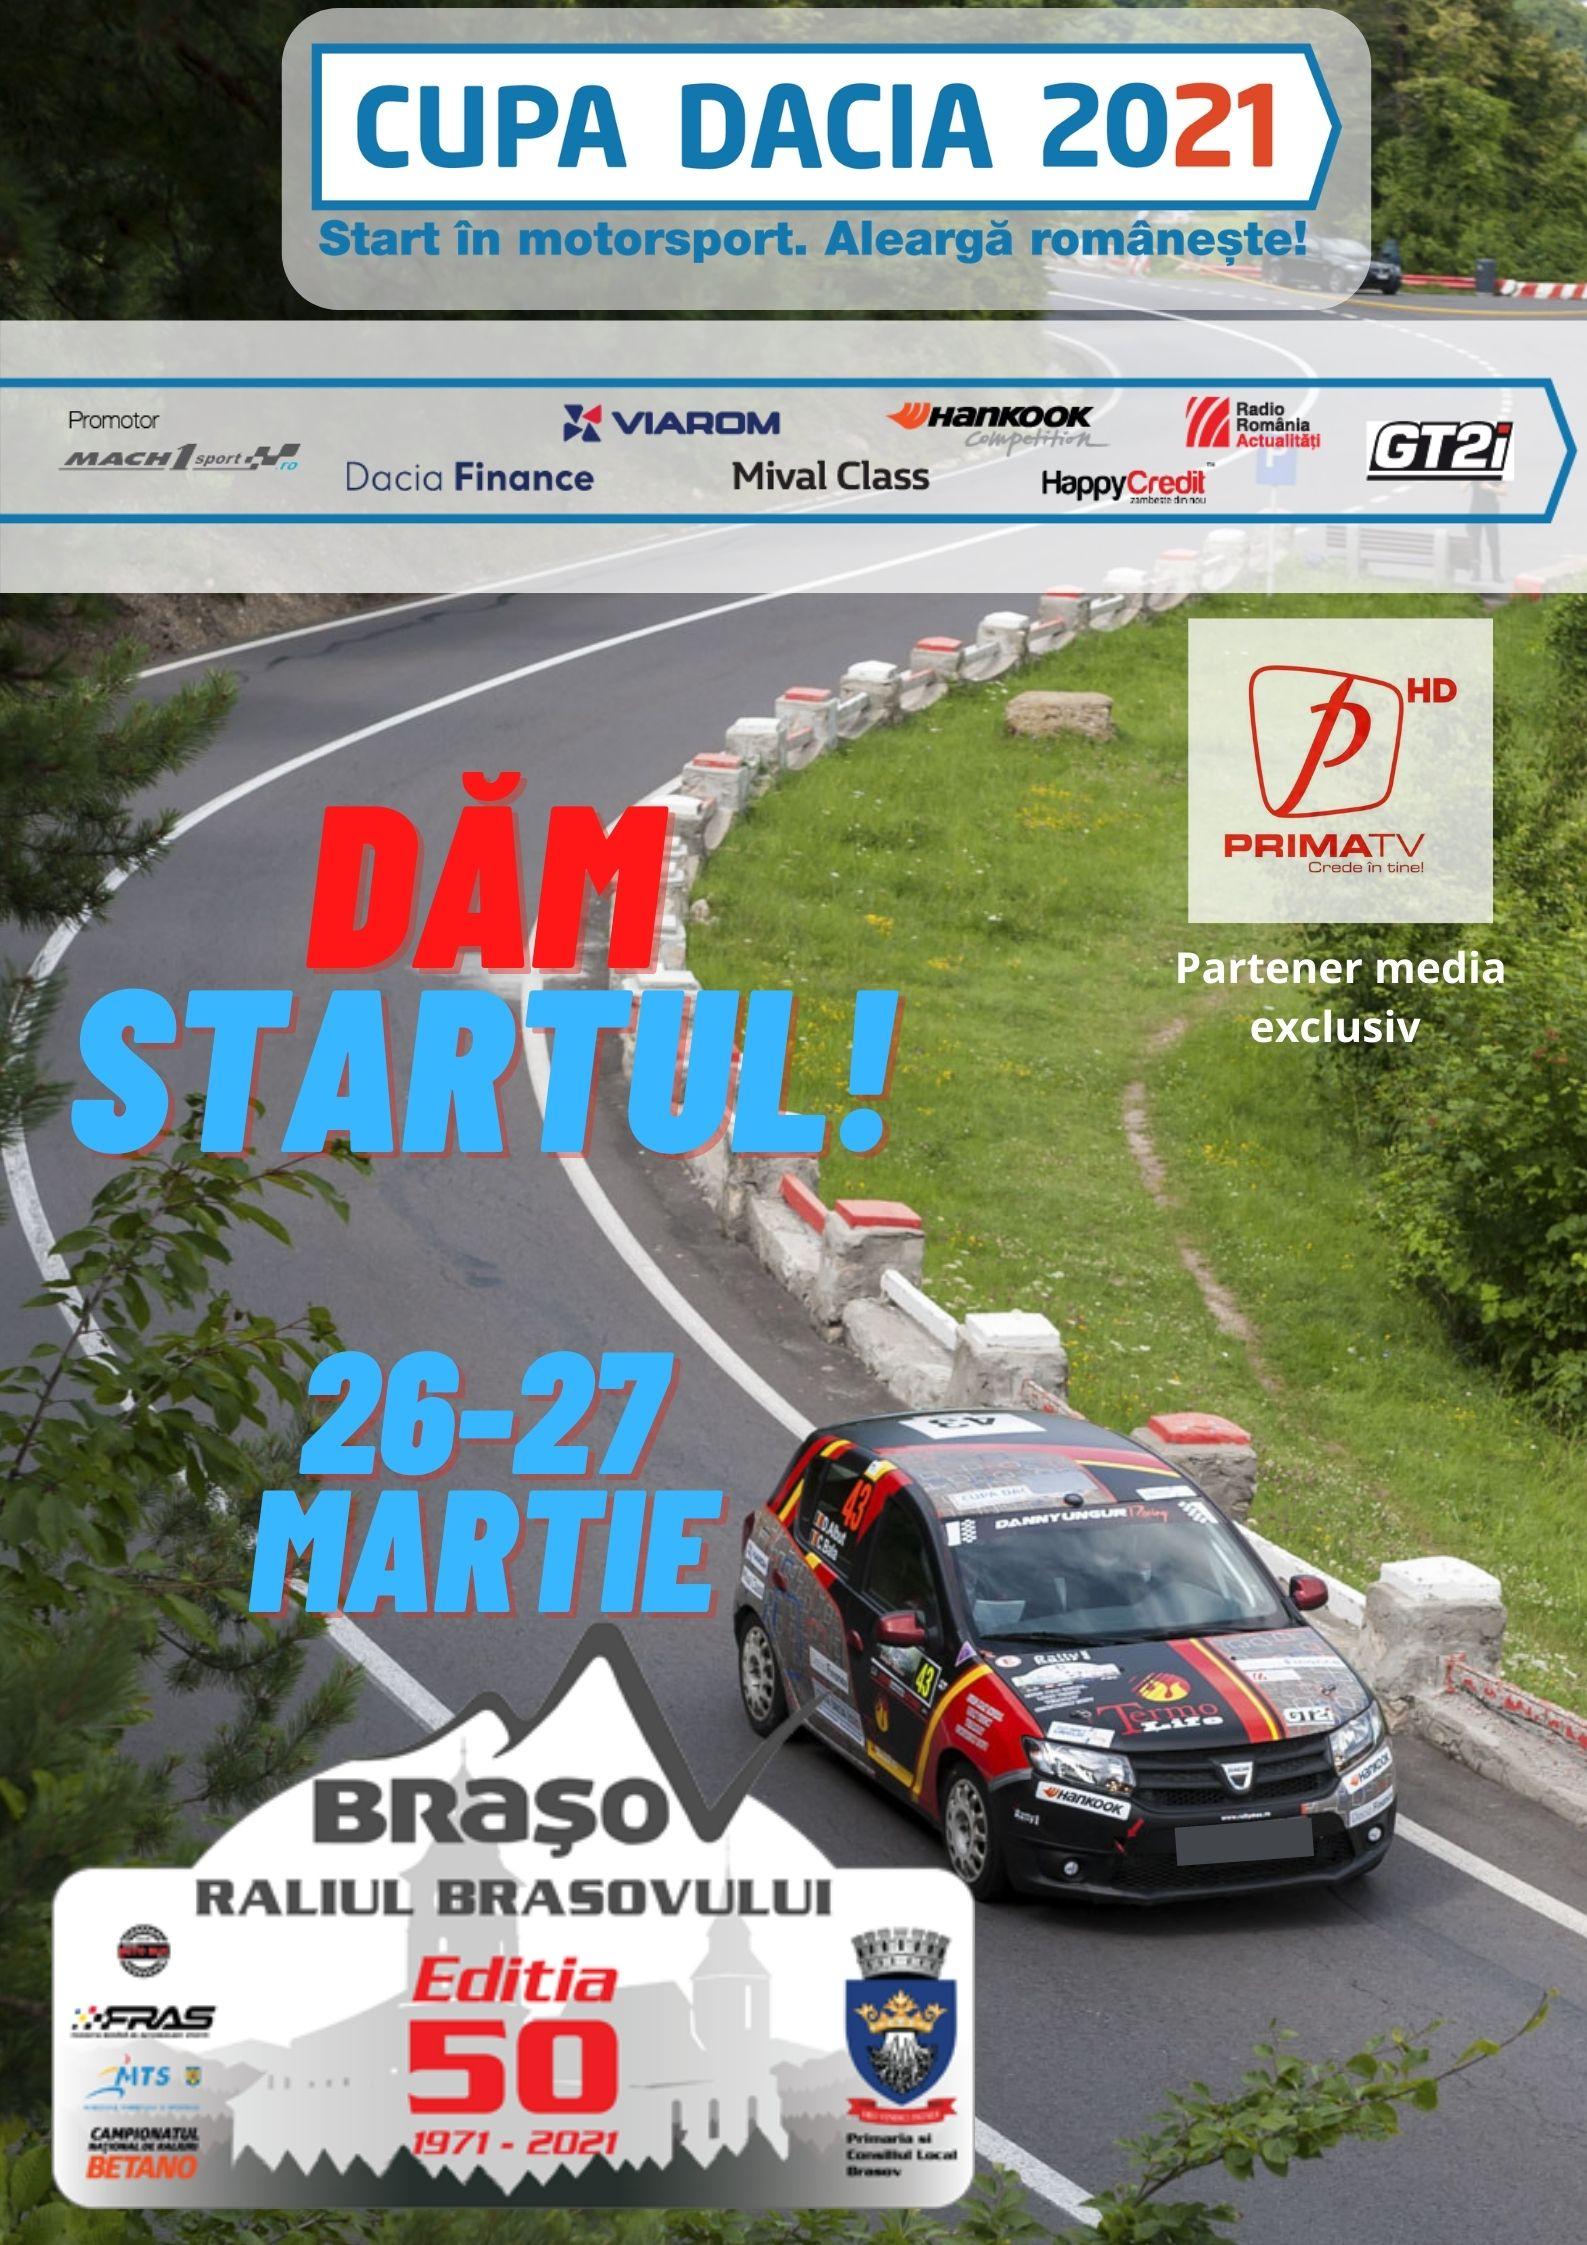 Comunicat de Presă Cupa Dacia 2021